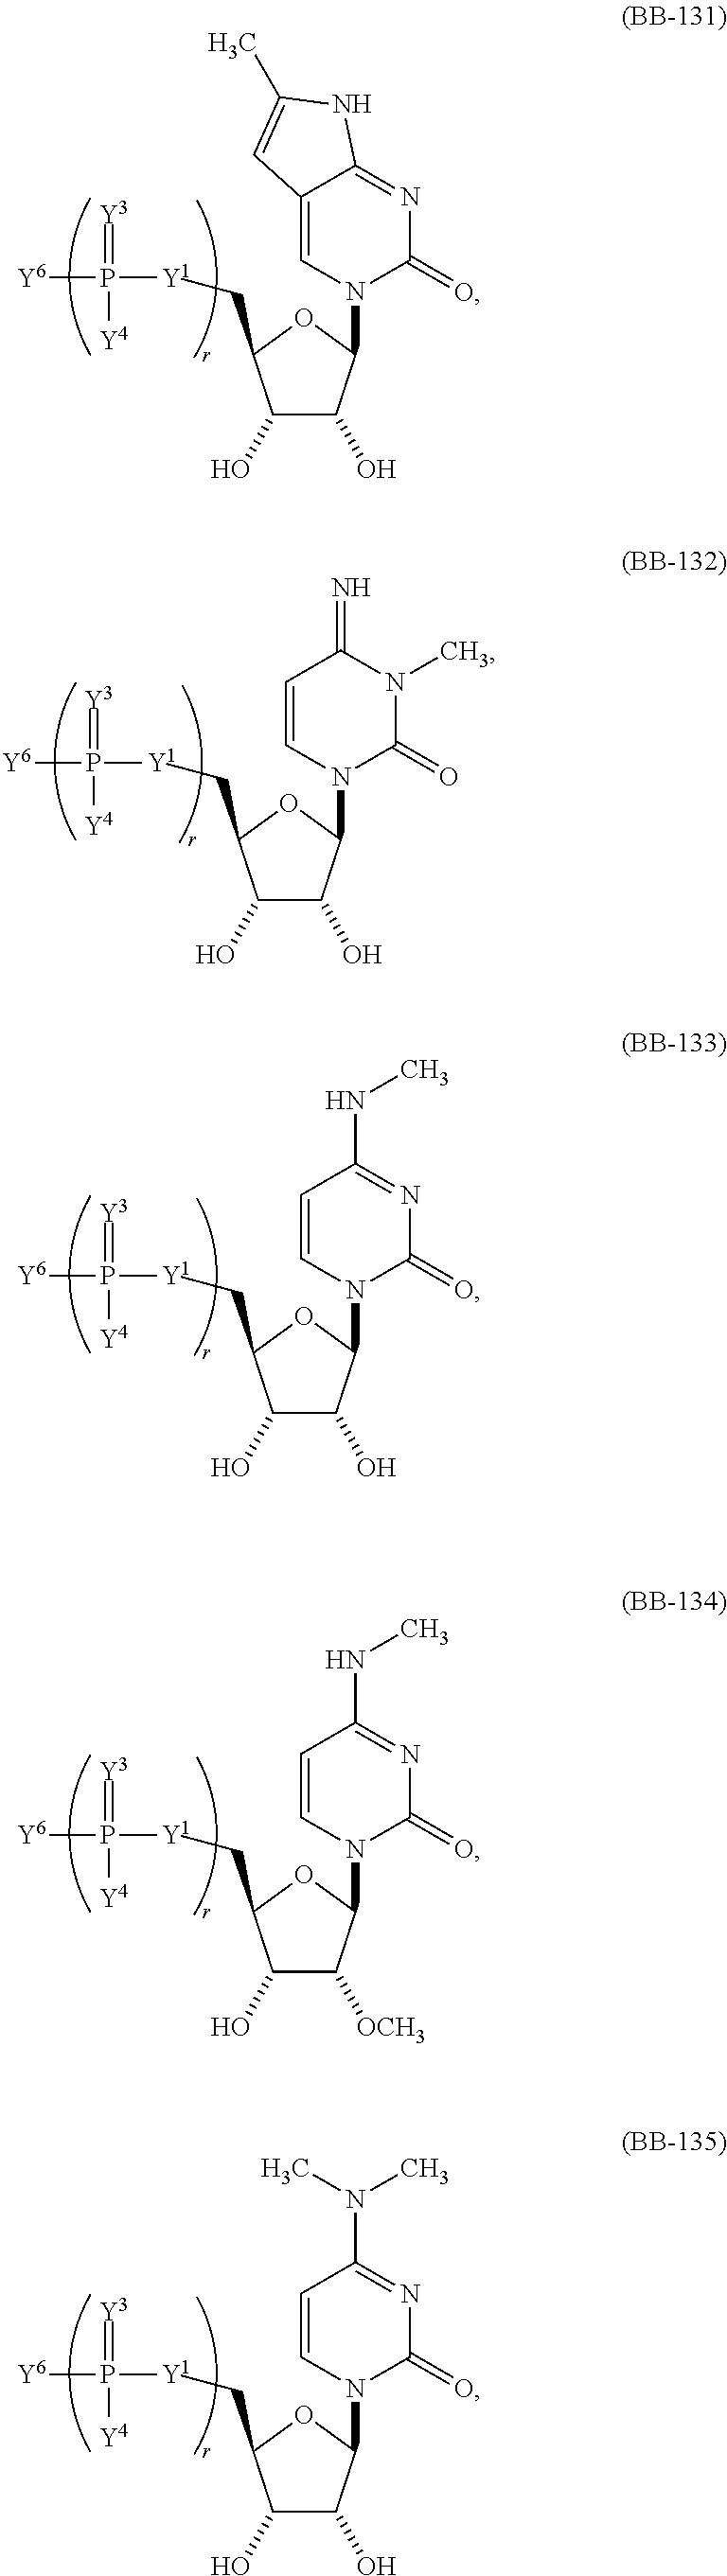 Figure US20150064235A1-20150305-C00058